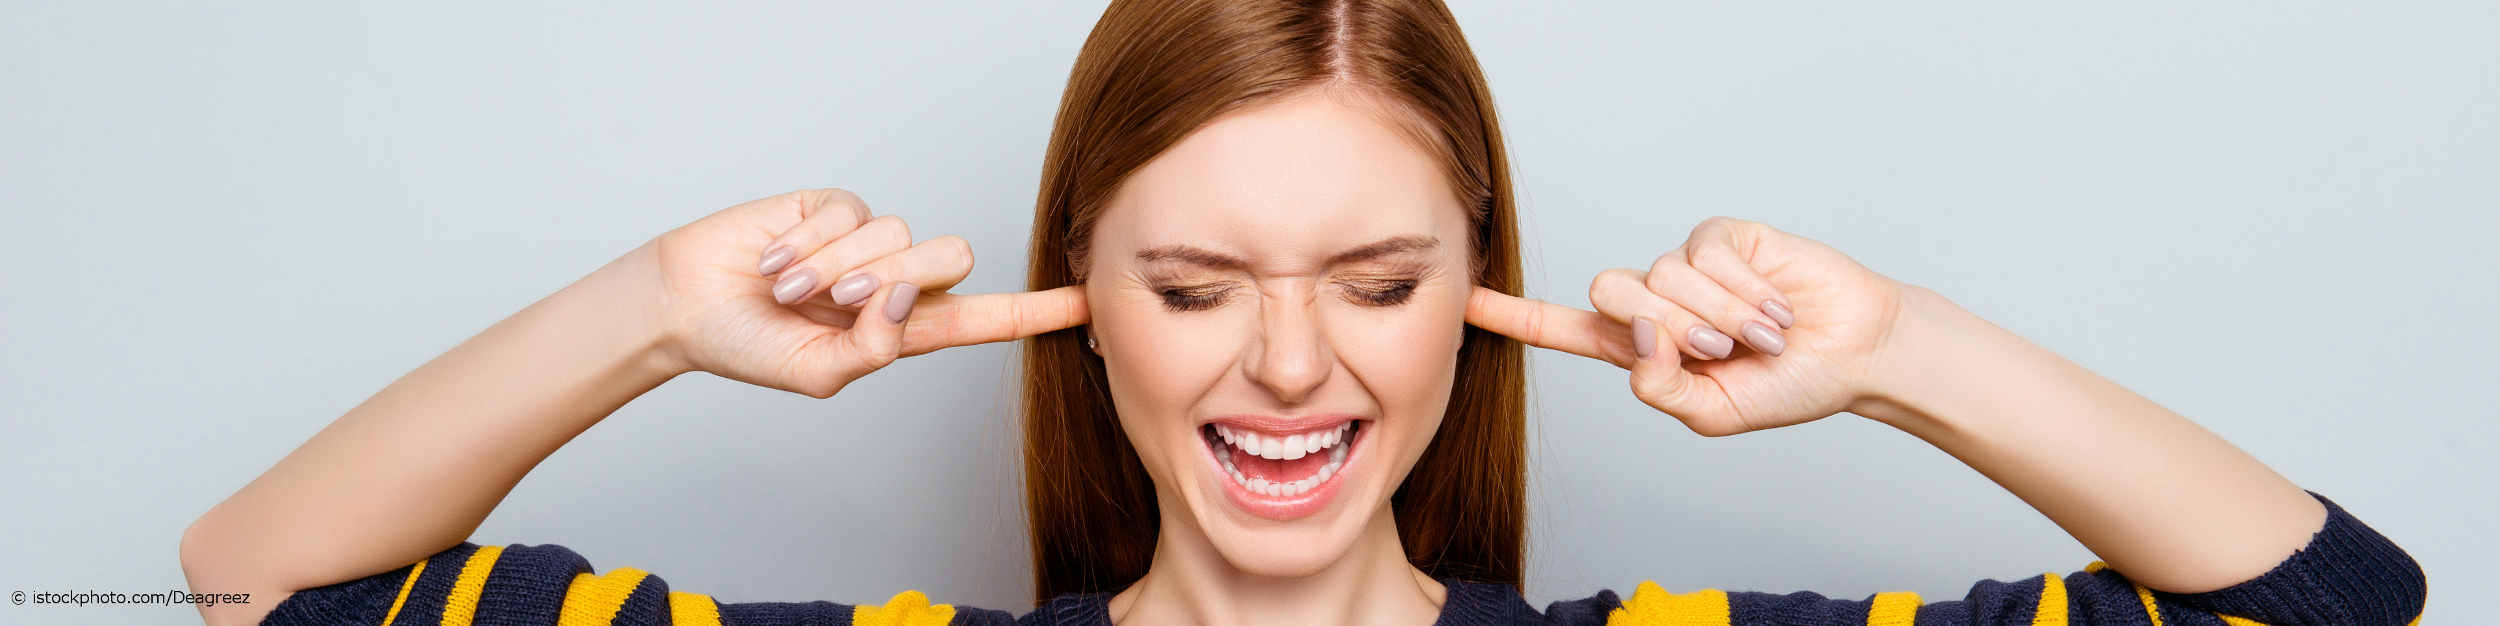 Frau mit Tinnitus hält sich die Ohren zu, weil sie von den ständigen Geräuschen in ihren Ohren genervt ist.